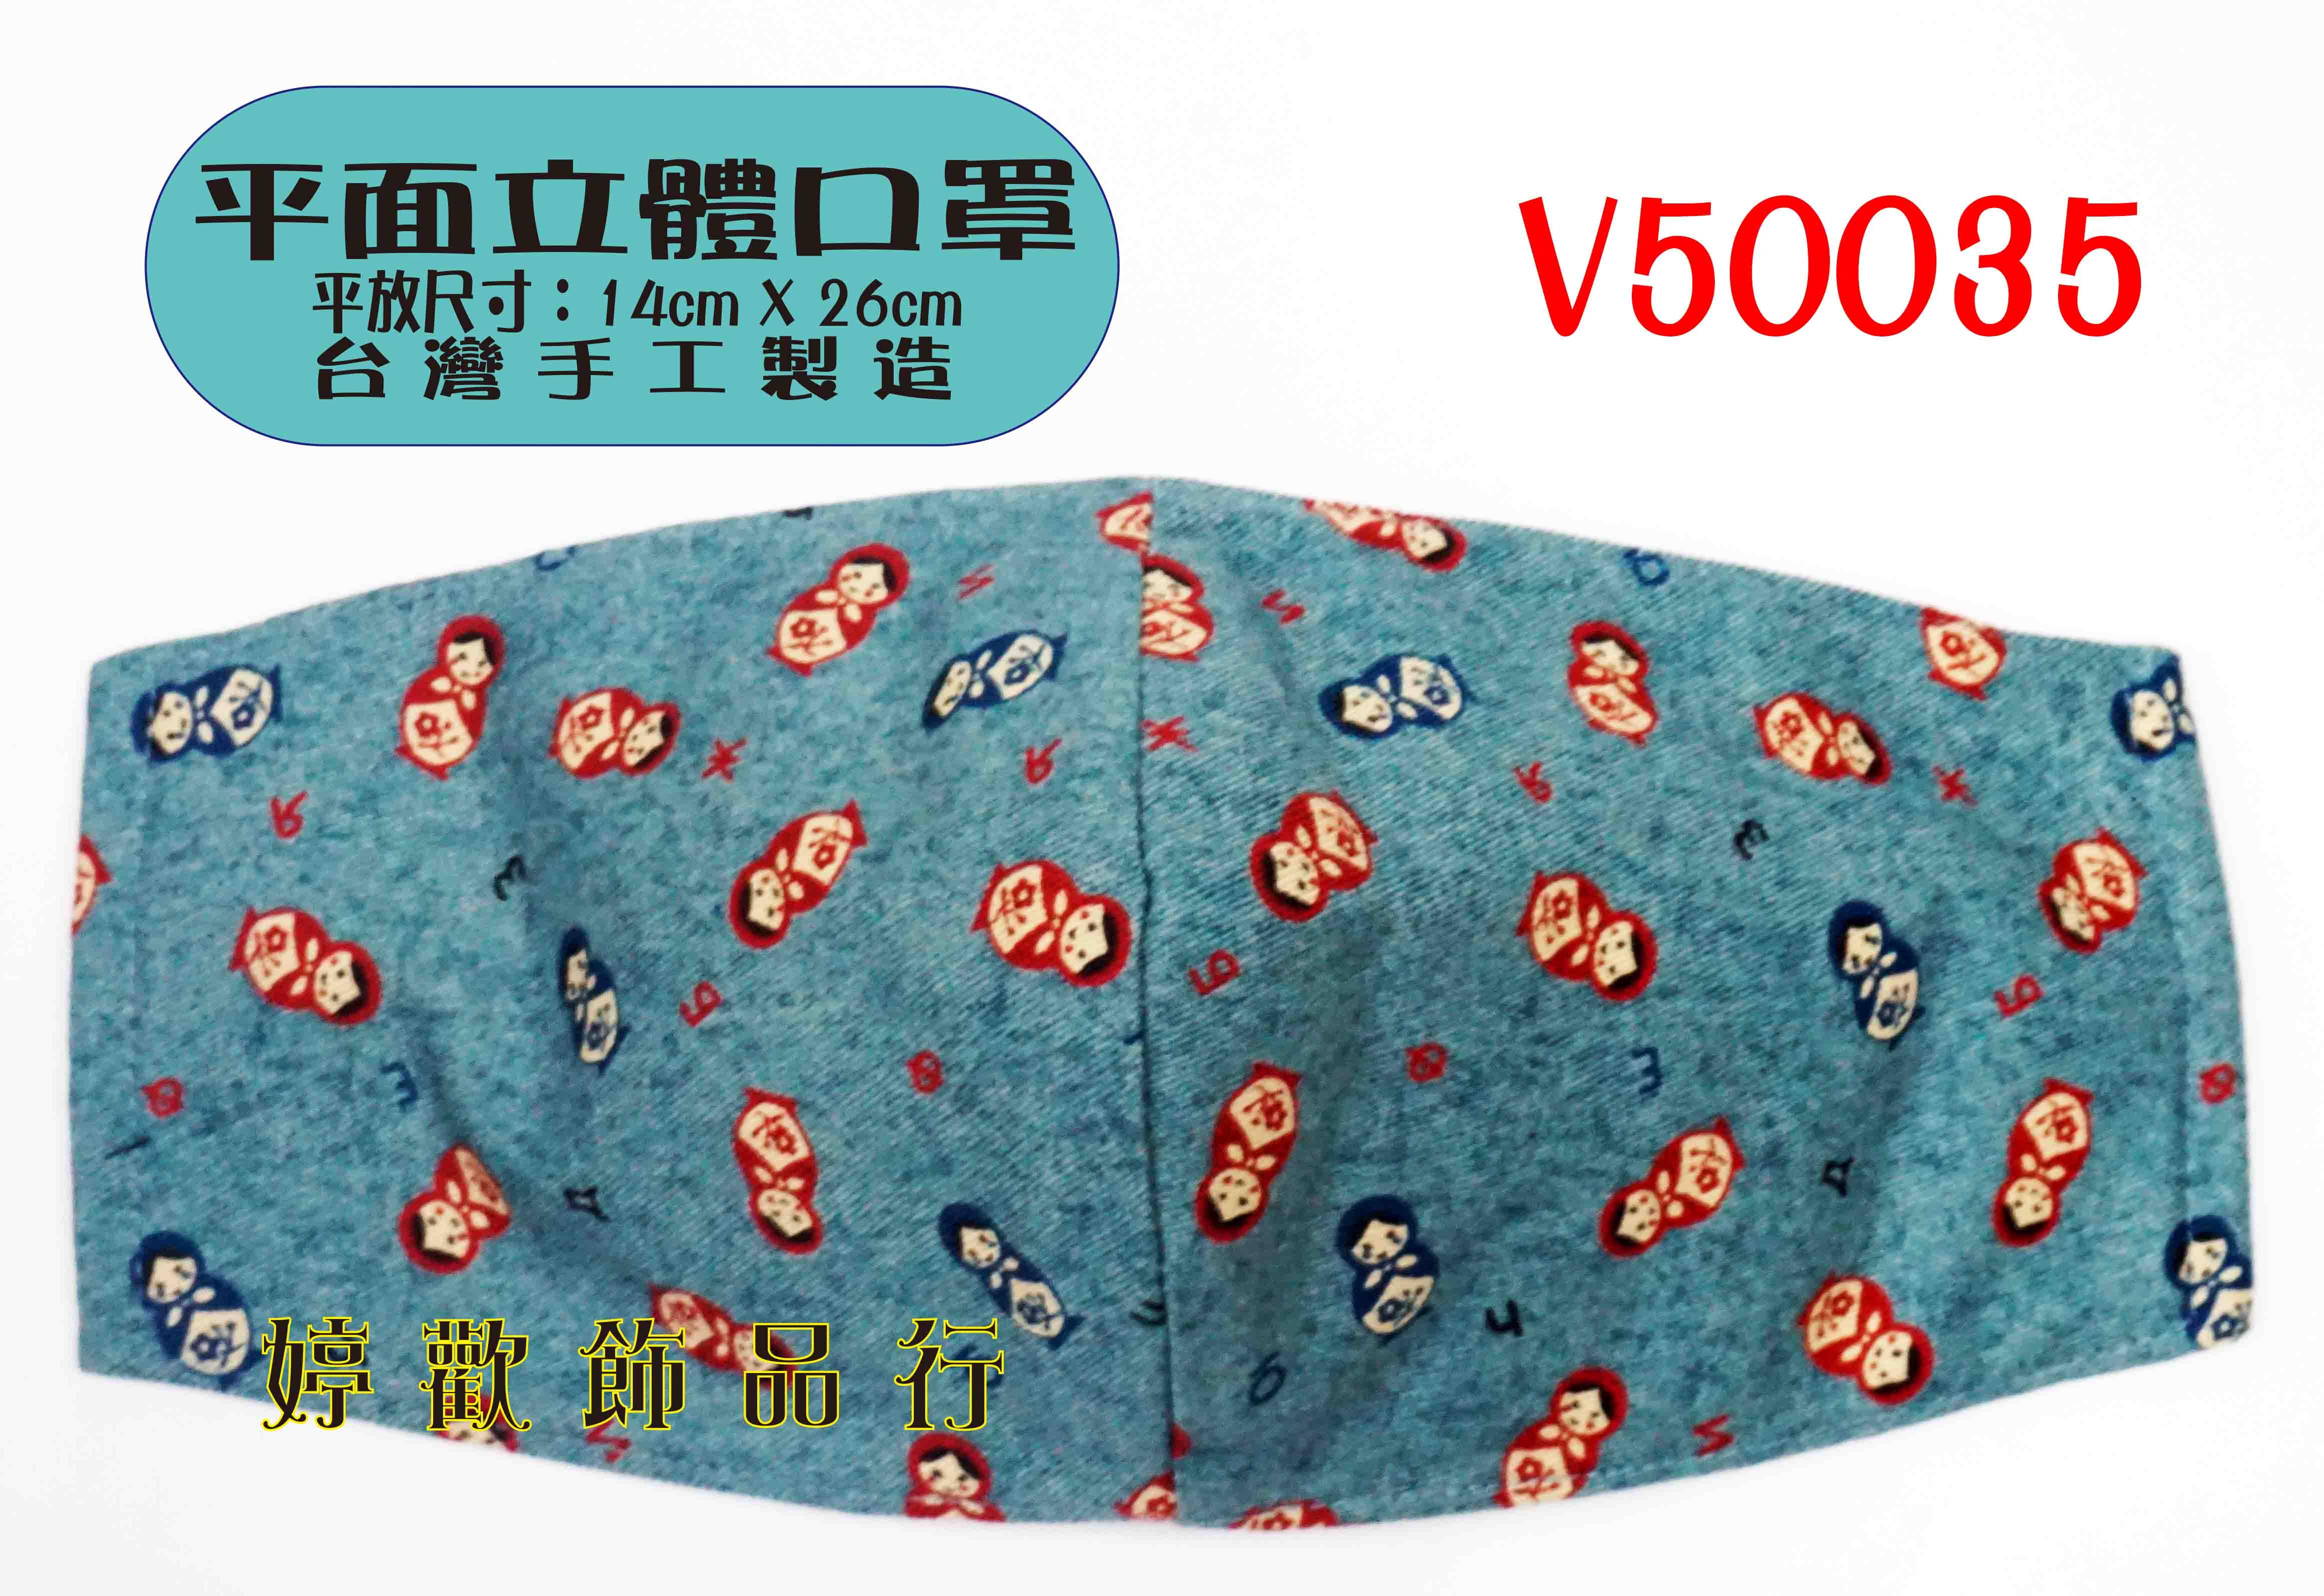 平面立體口罩/花布/台灣製造/85%棉V50035